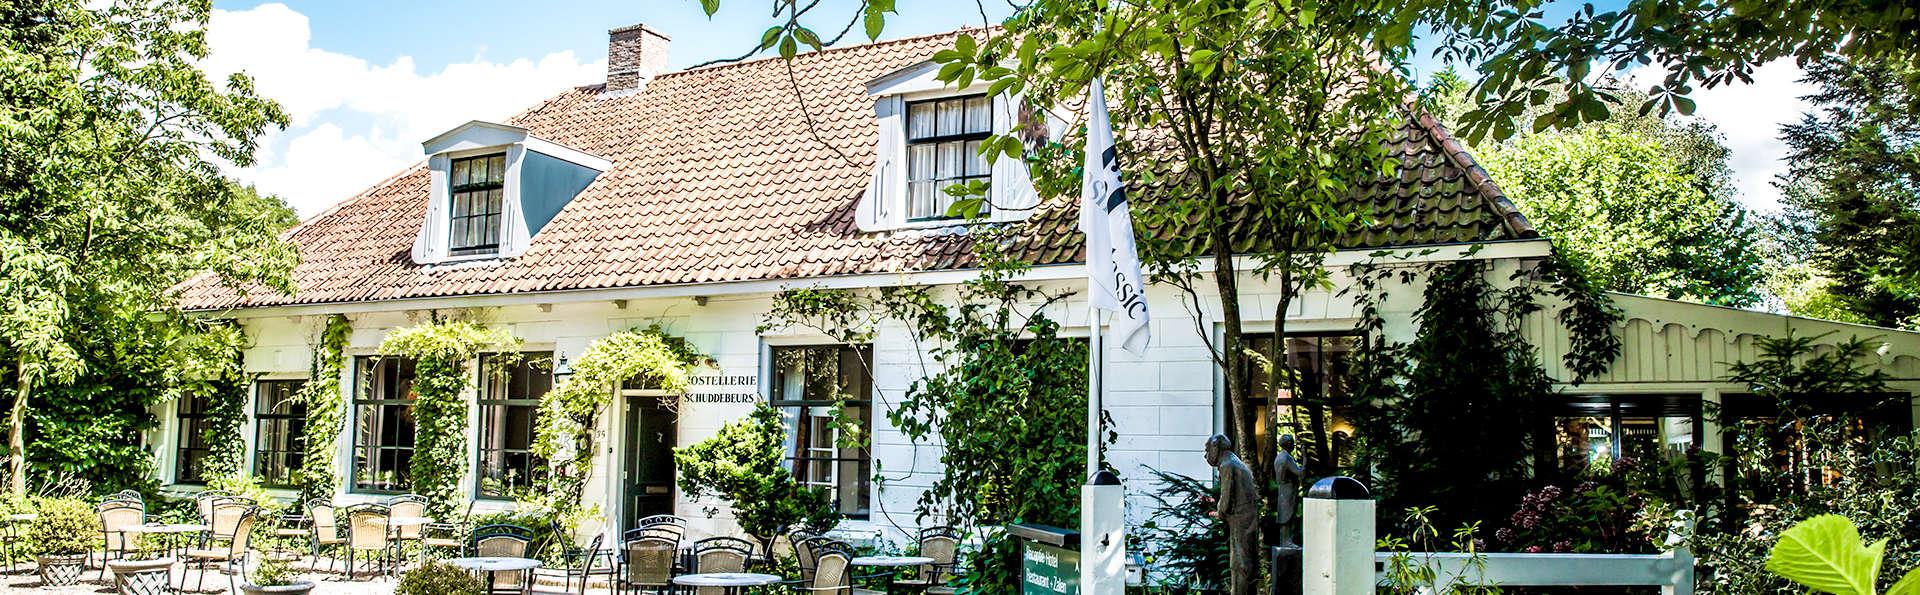 Pittoresk landhuis in Zeeland